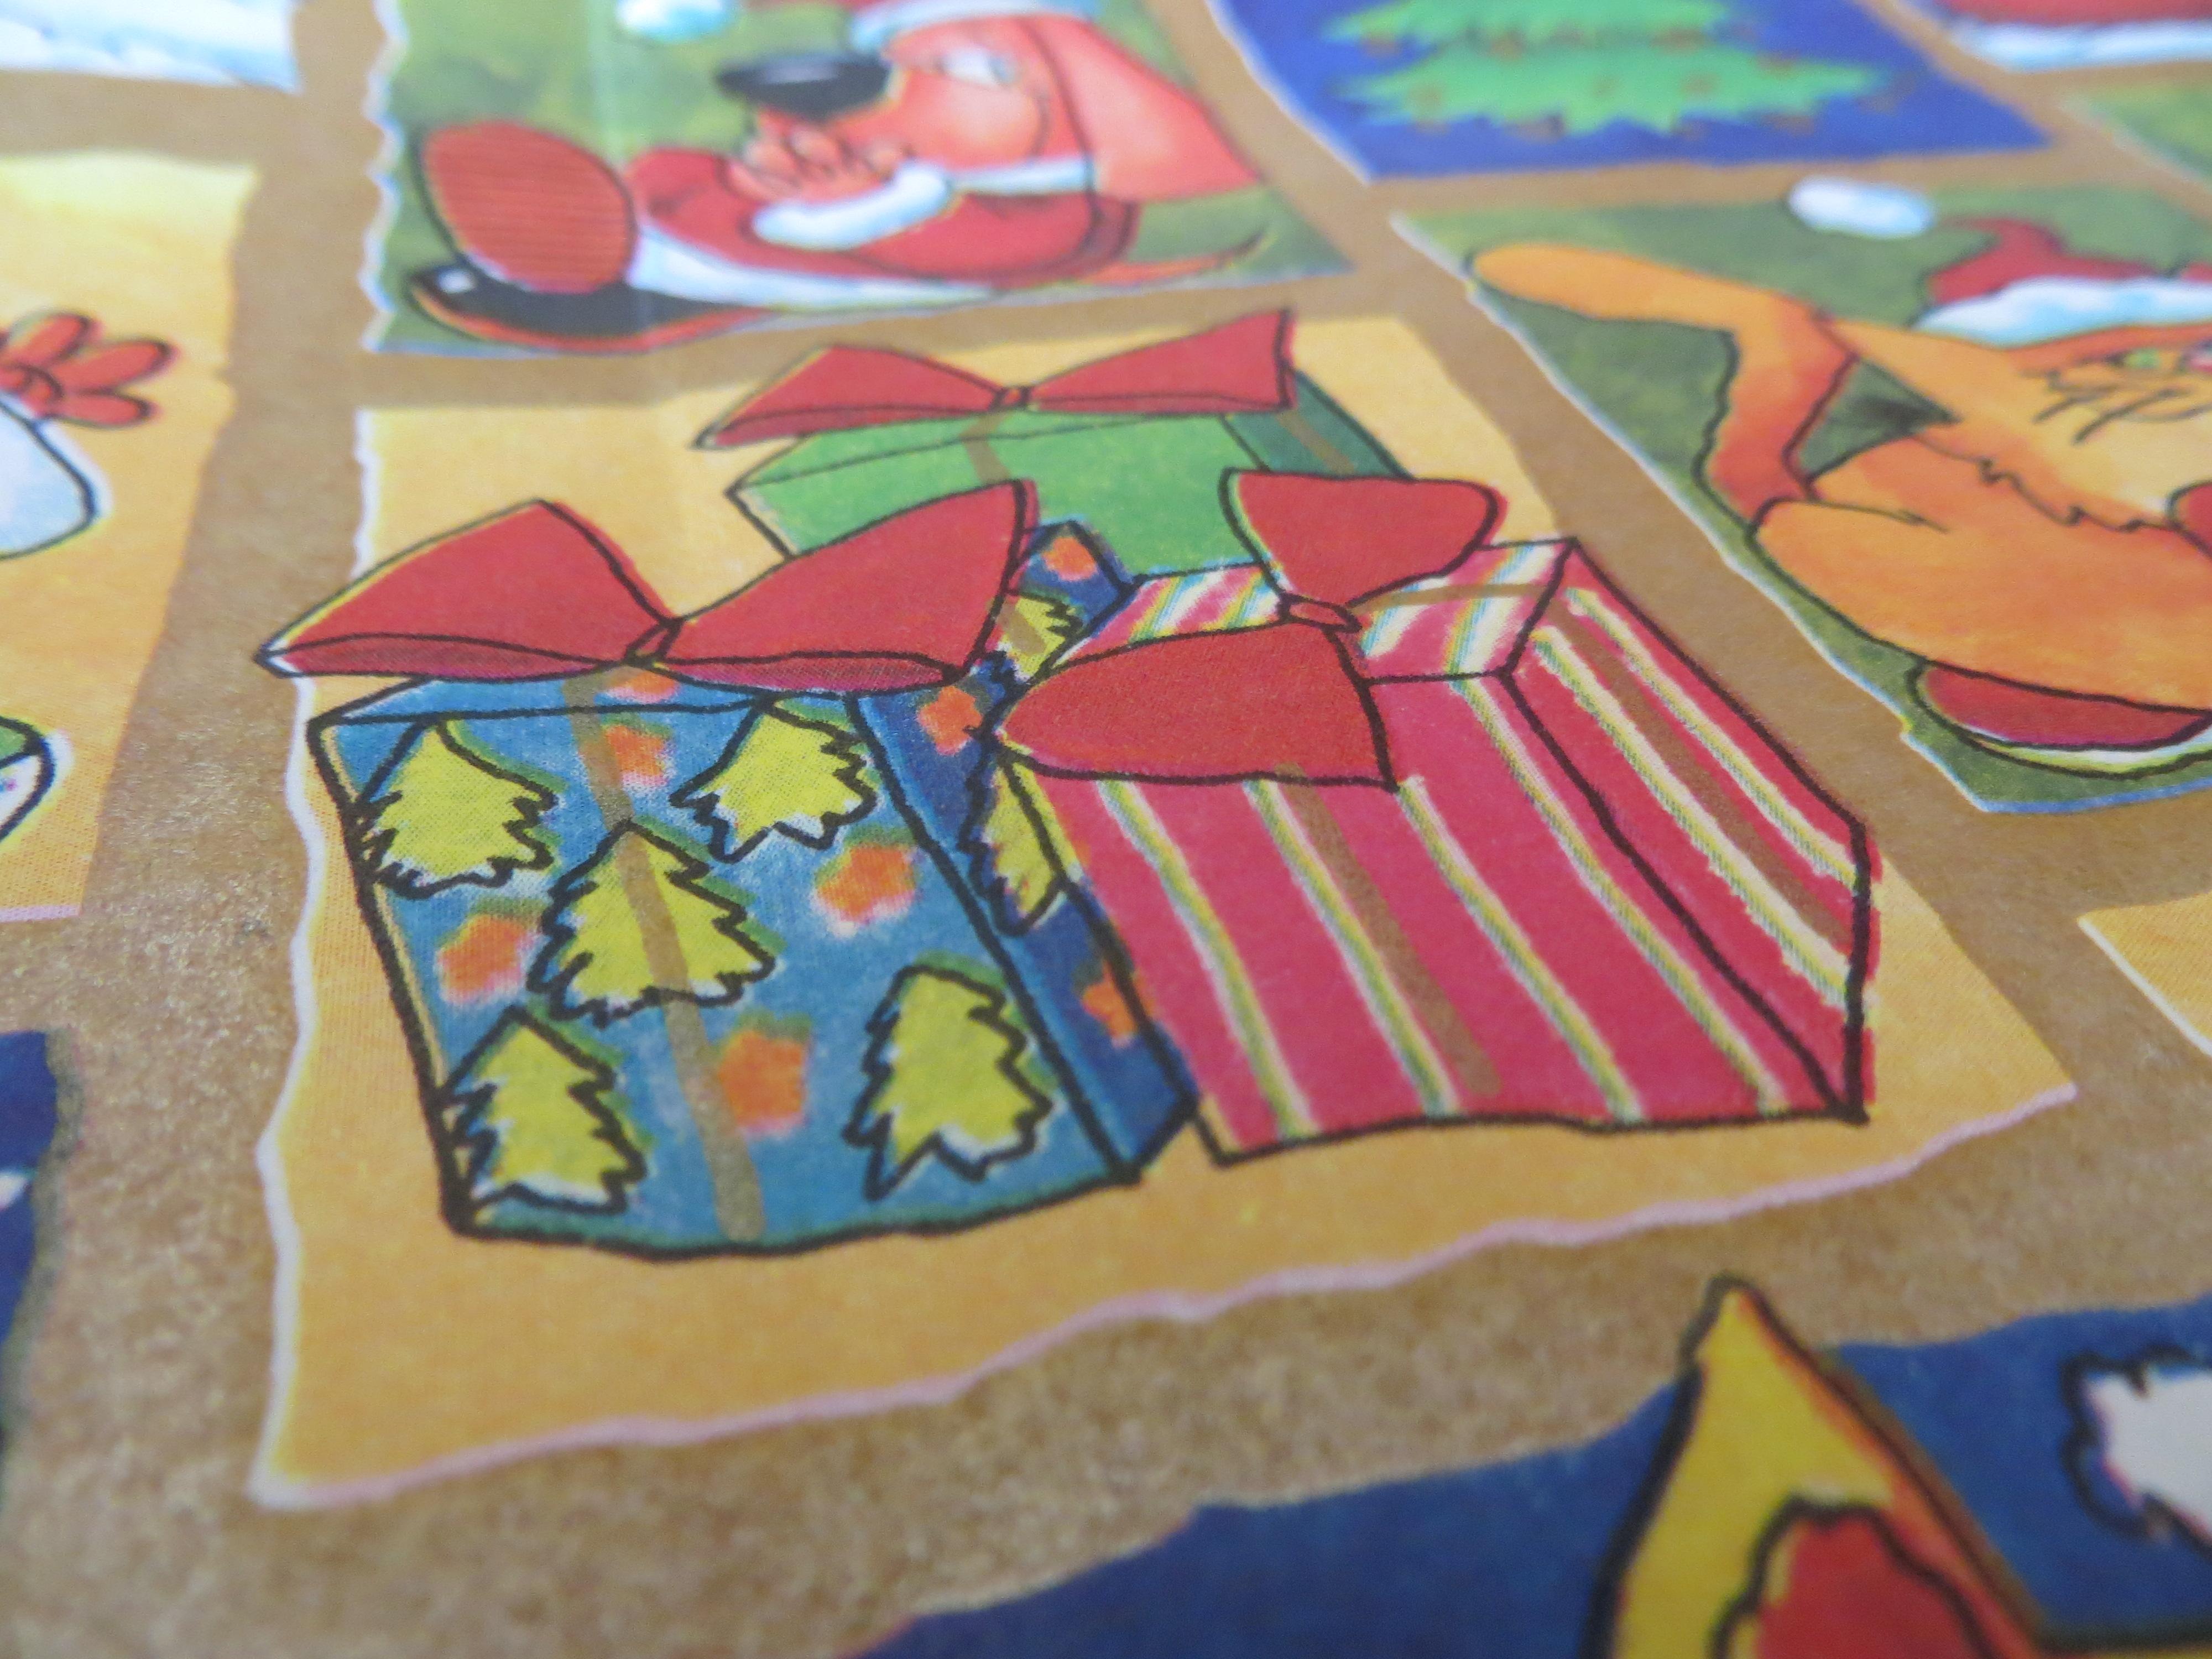 Giochi per bambini da 0 a 1 anno l 39 arte ti fa crescere for Giochi per bambini di un anno